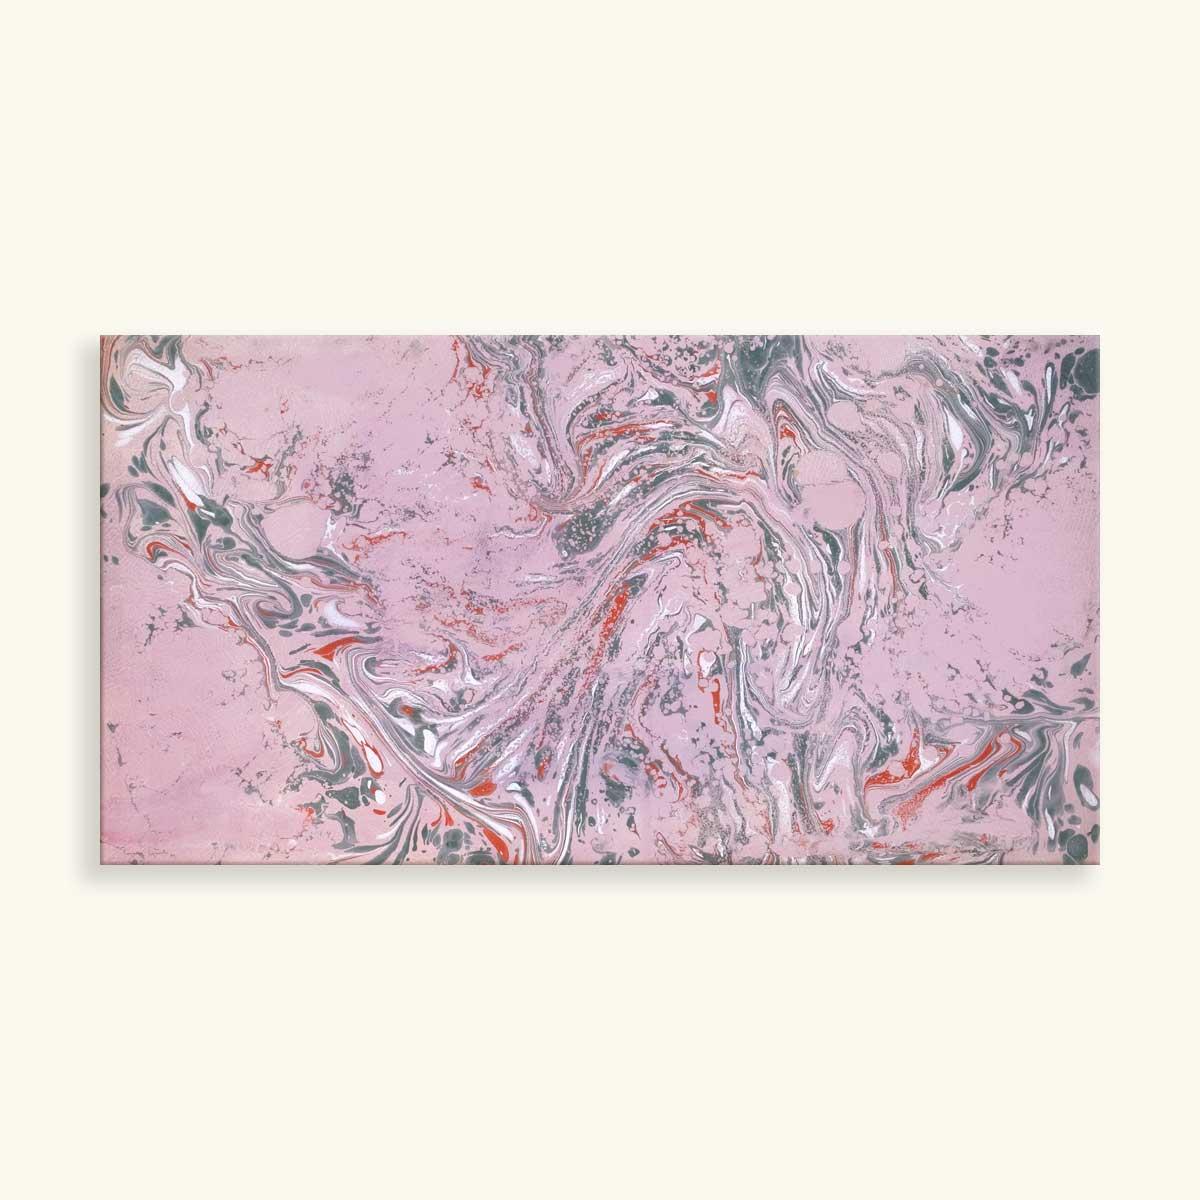 gürel ebrusu özgün kompozisyon No 42